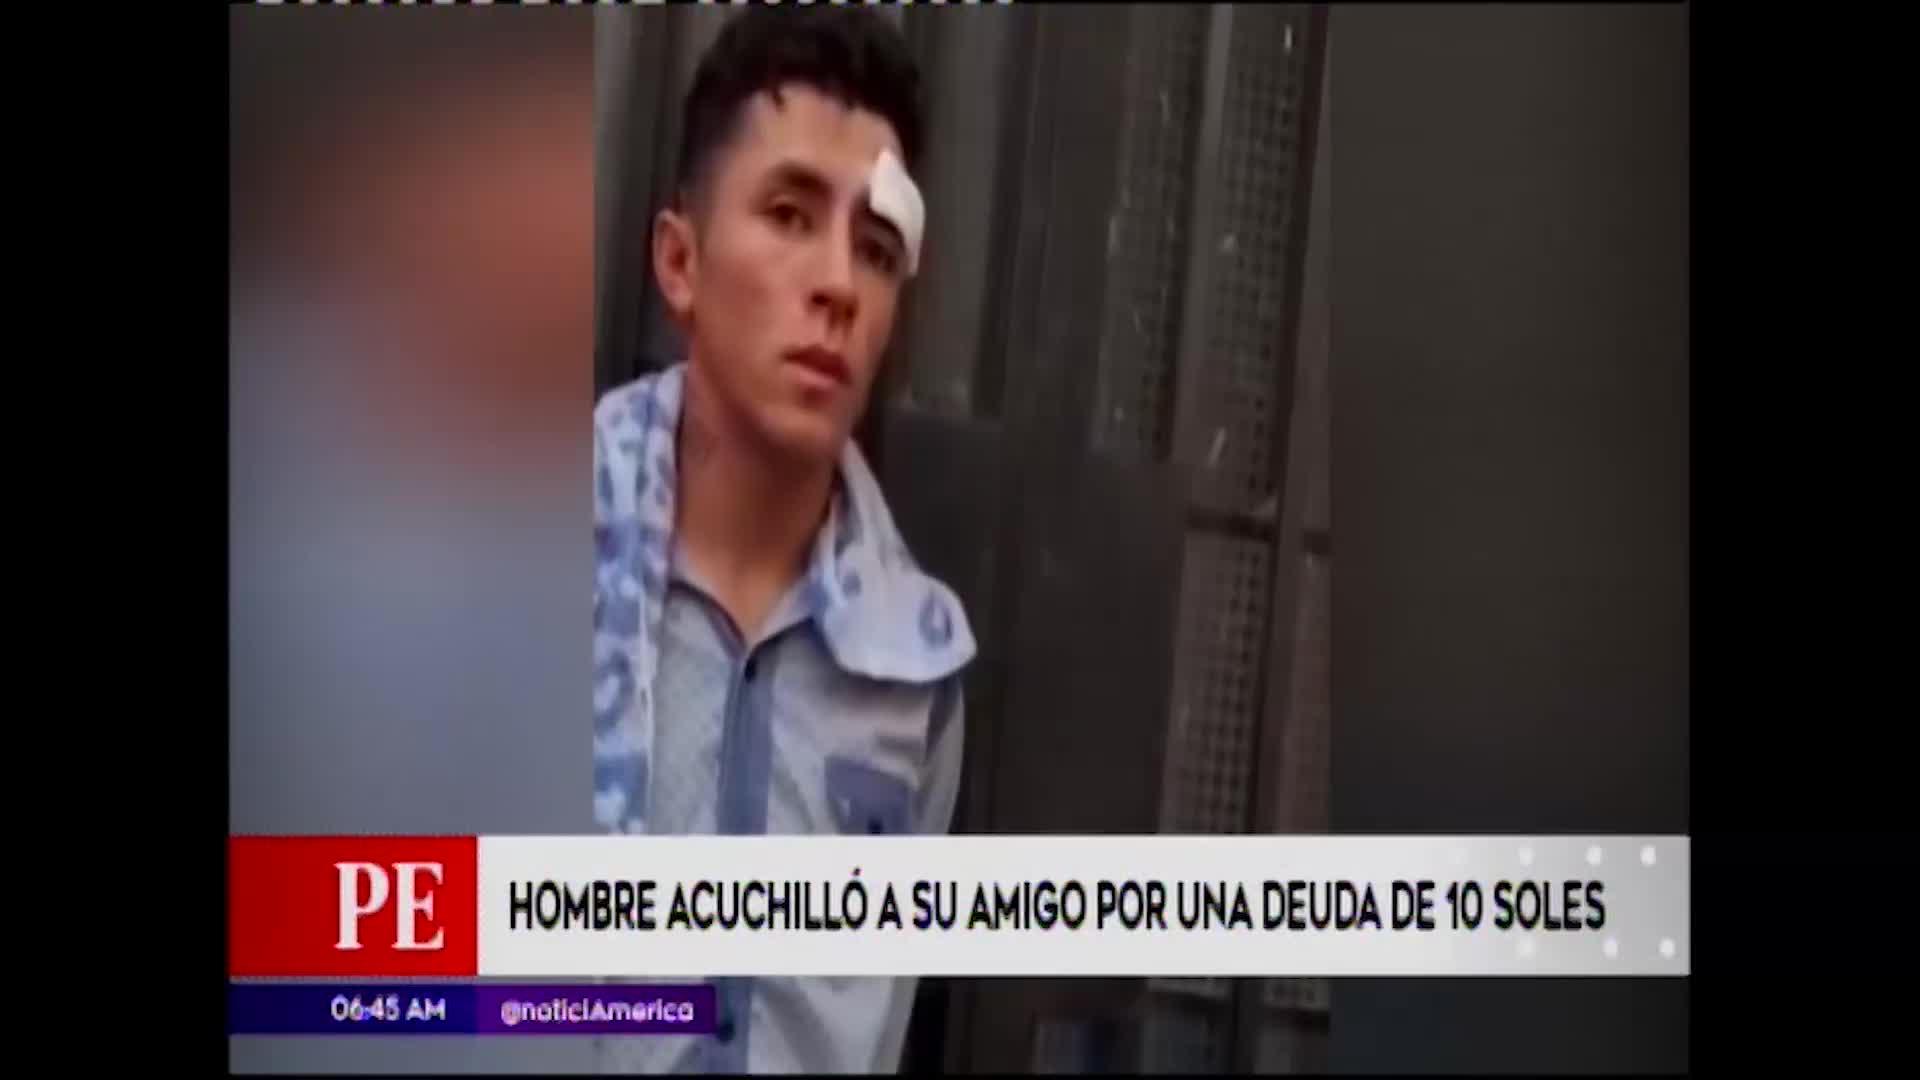 Los Olivos: sujeto ataca con un cuchillo a su amigo por deuda de 10 soles